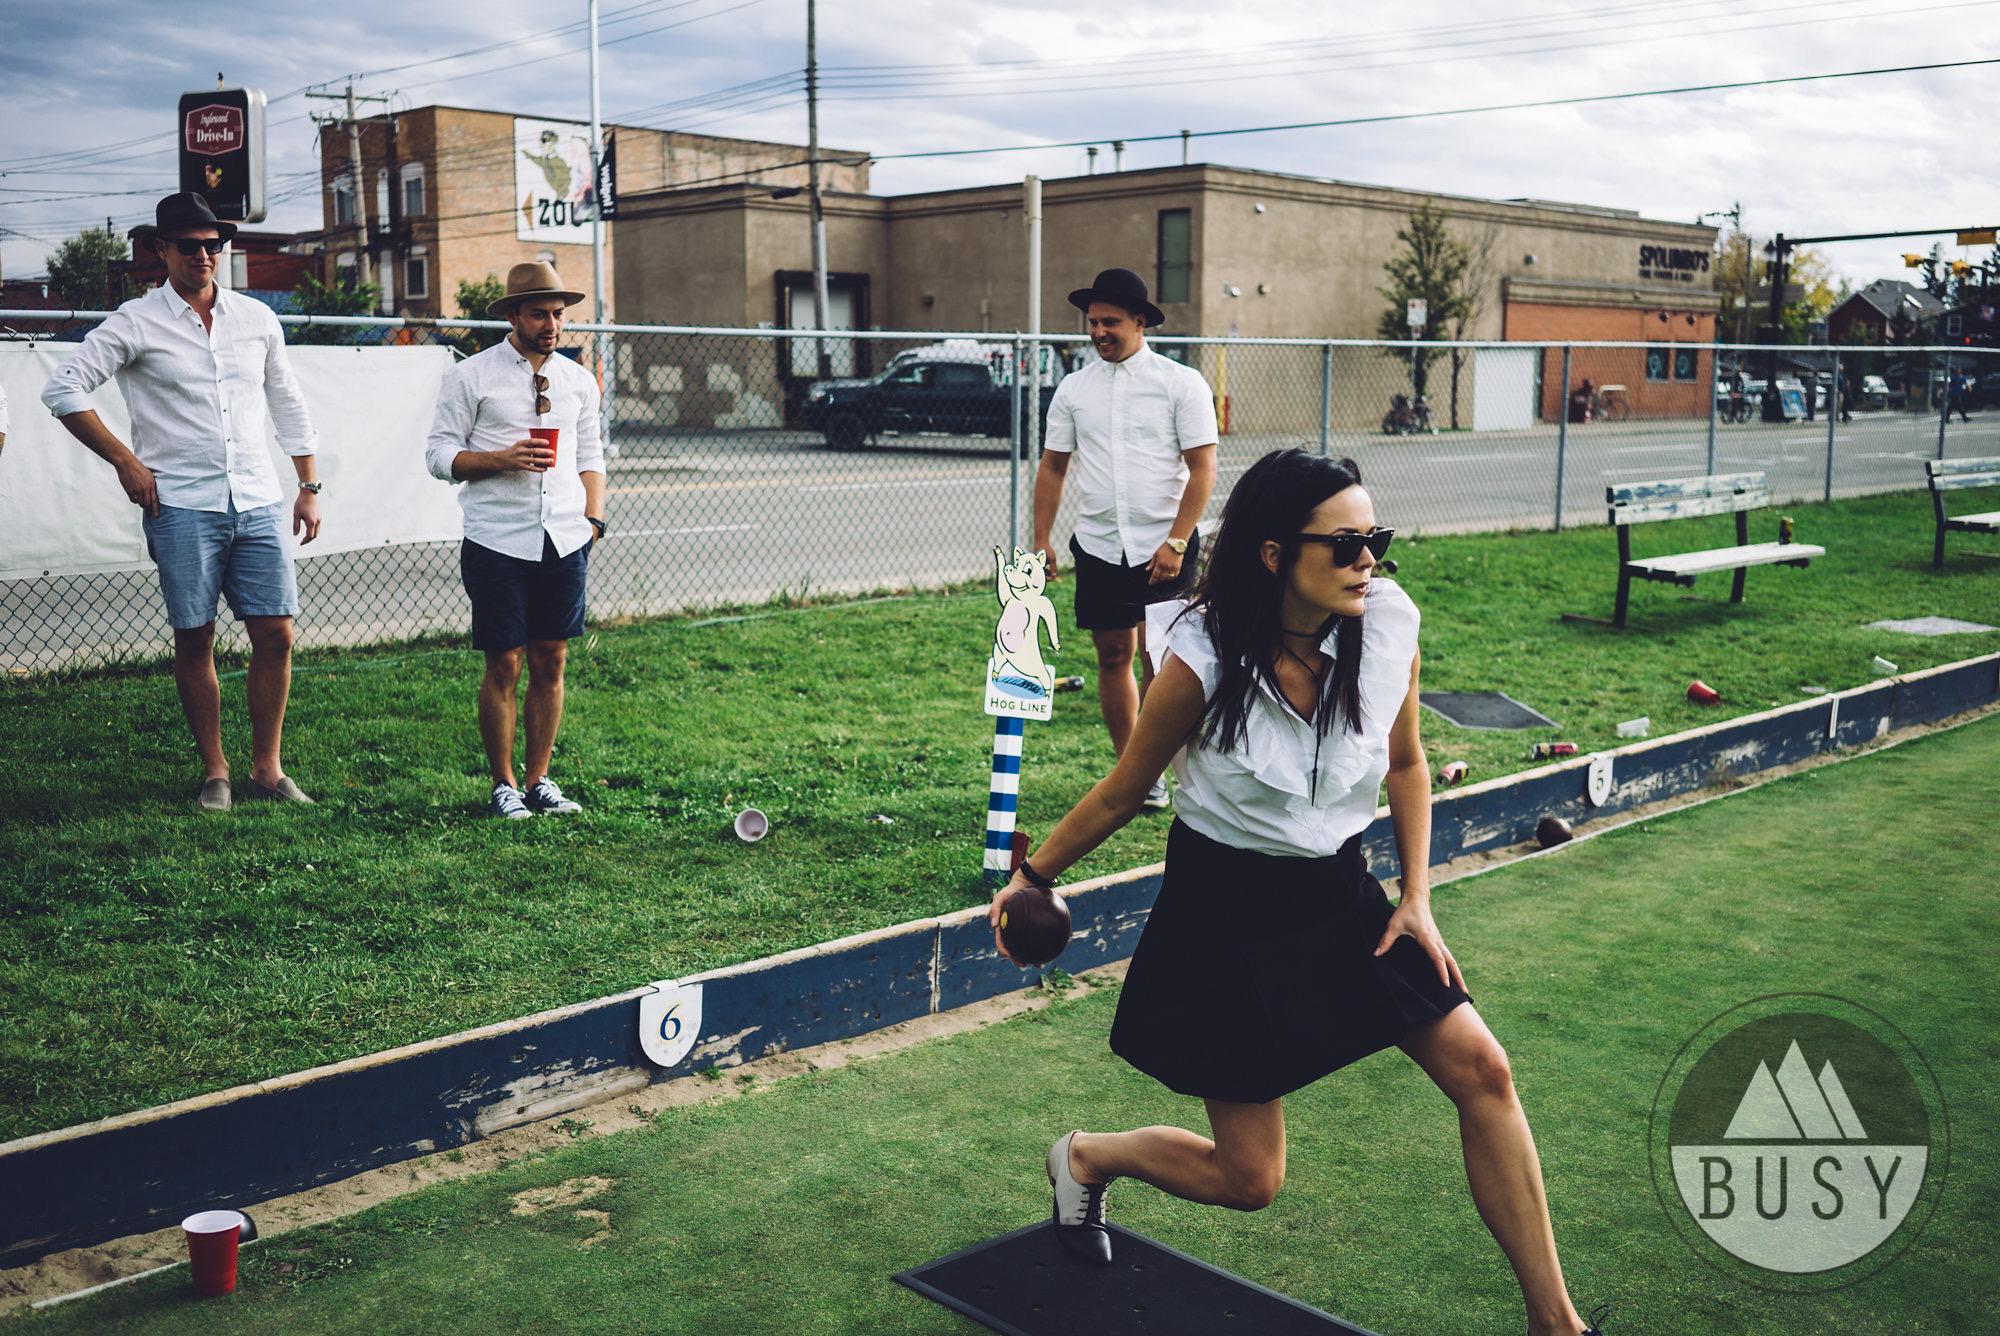 BUSY Lawn Bowling-07750.jpg